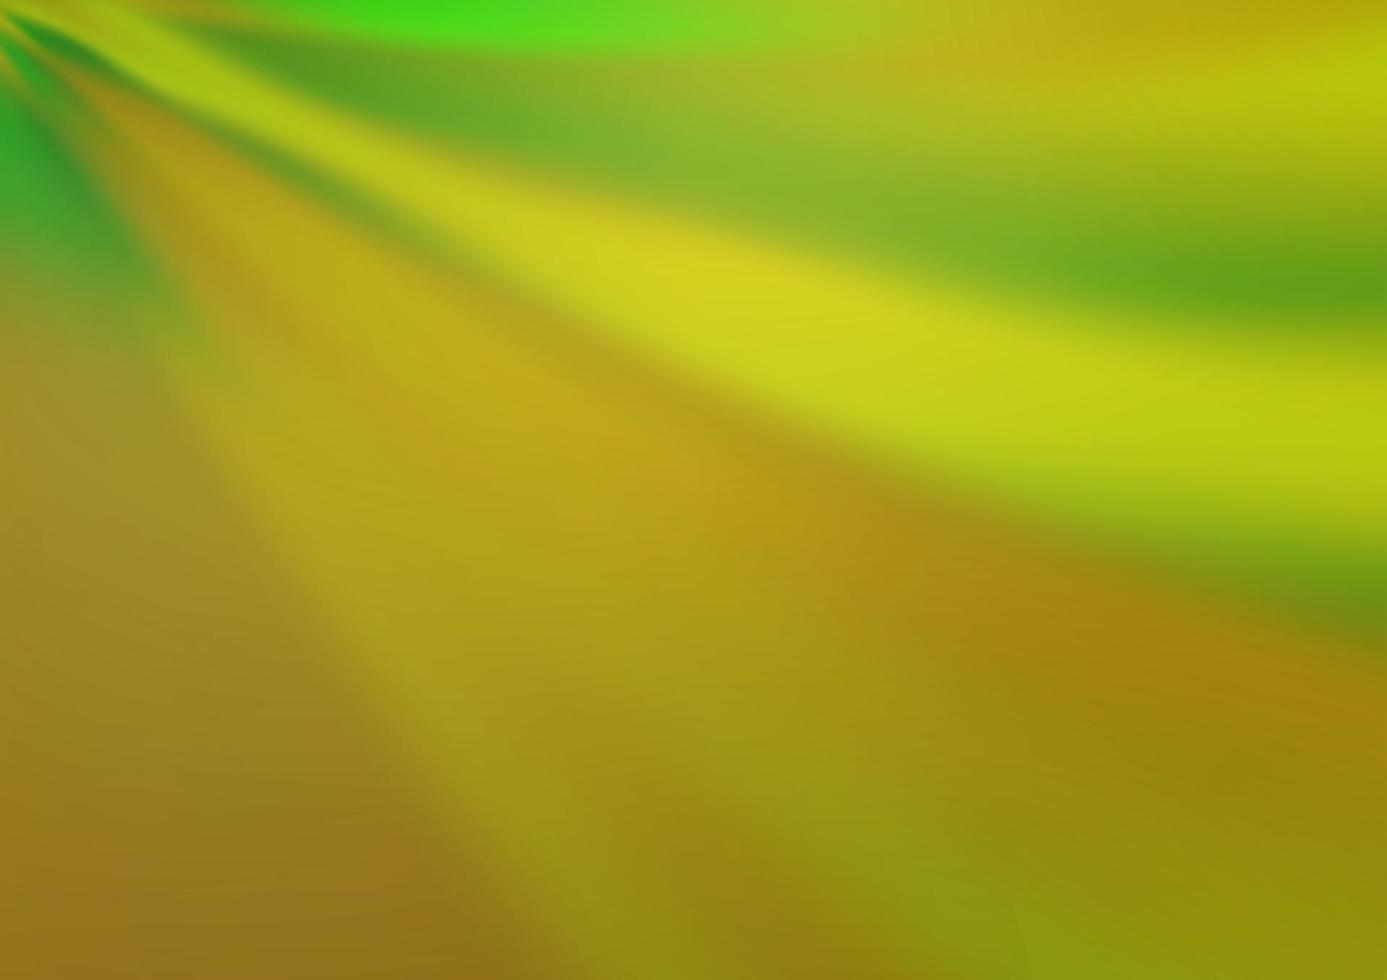 luz verde vetor turva fundo brilhante.